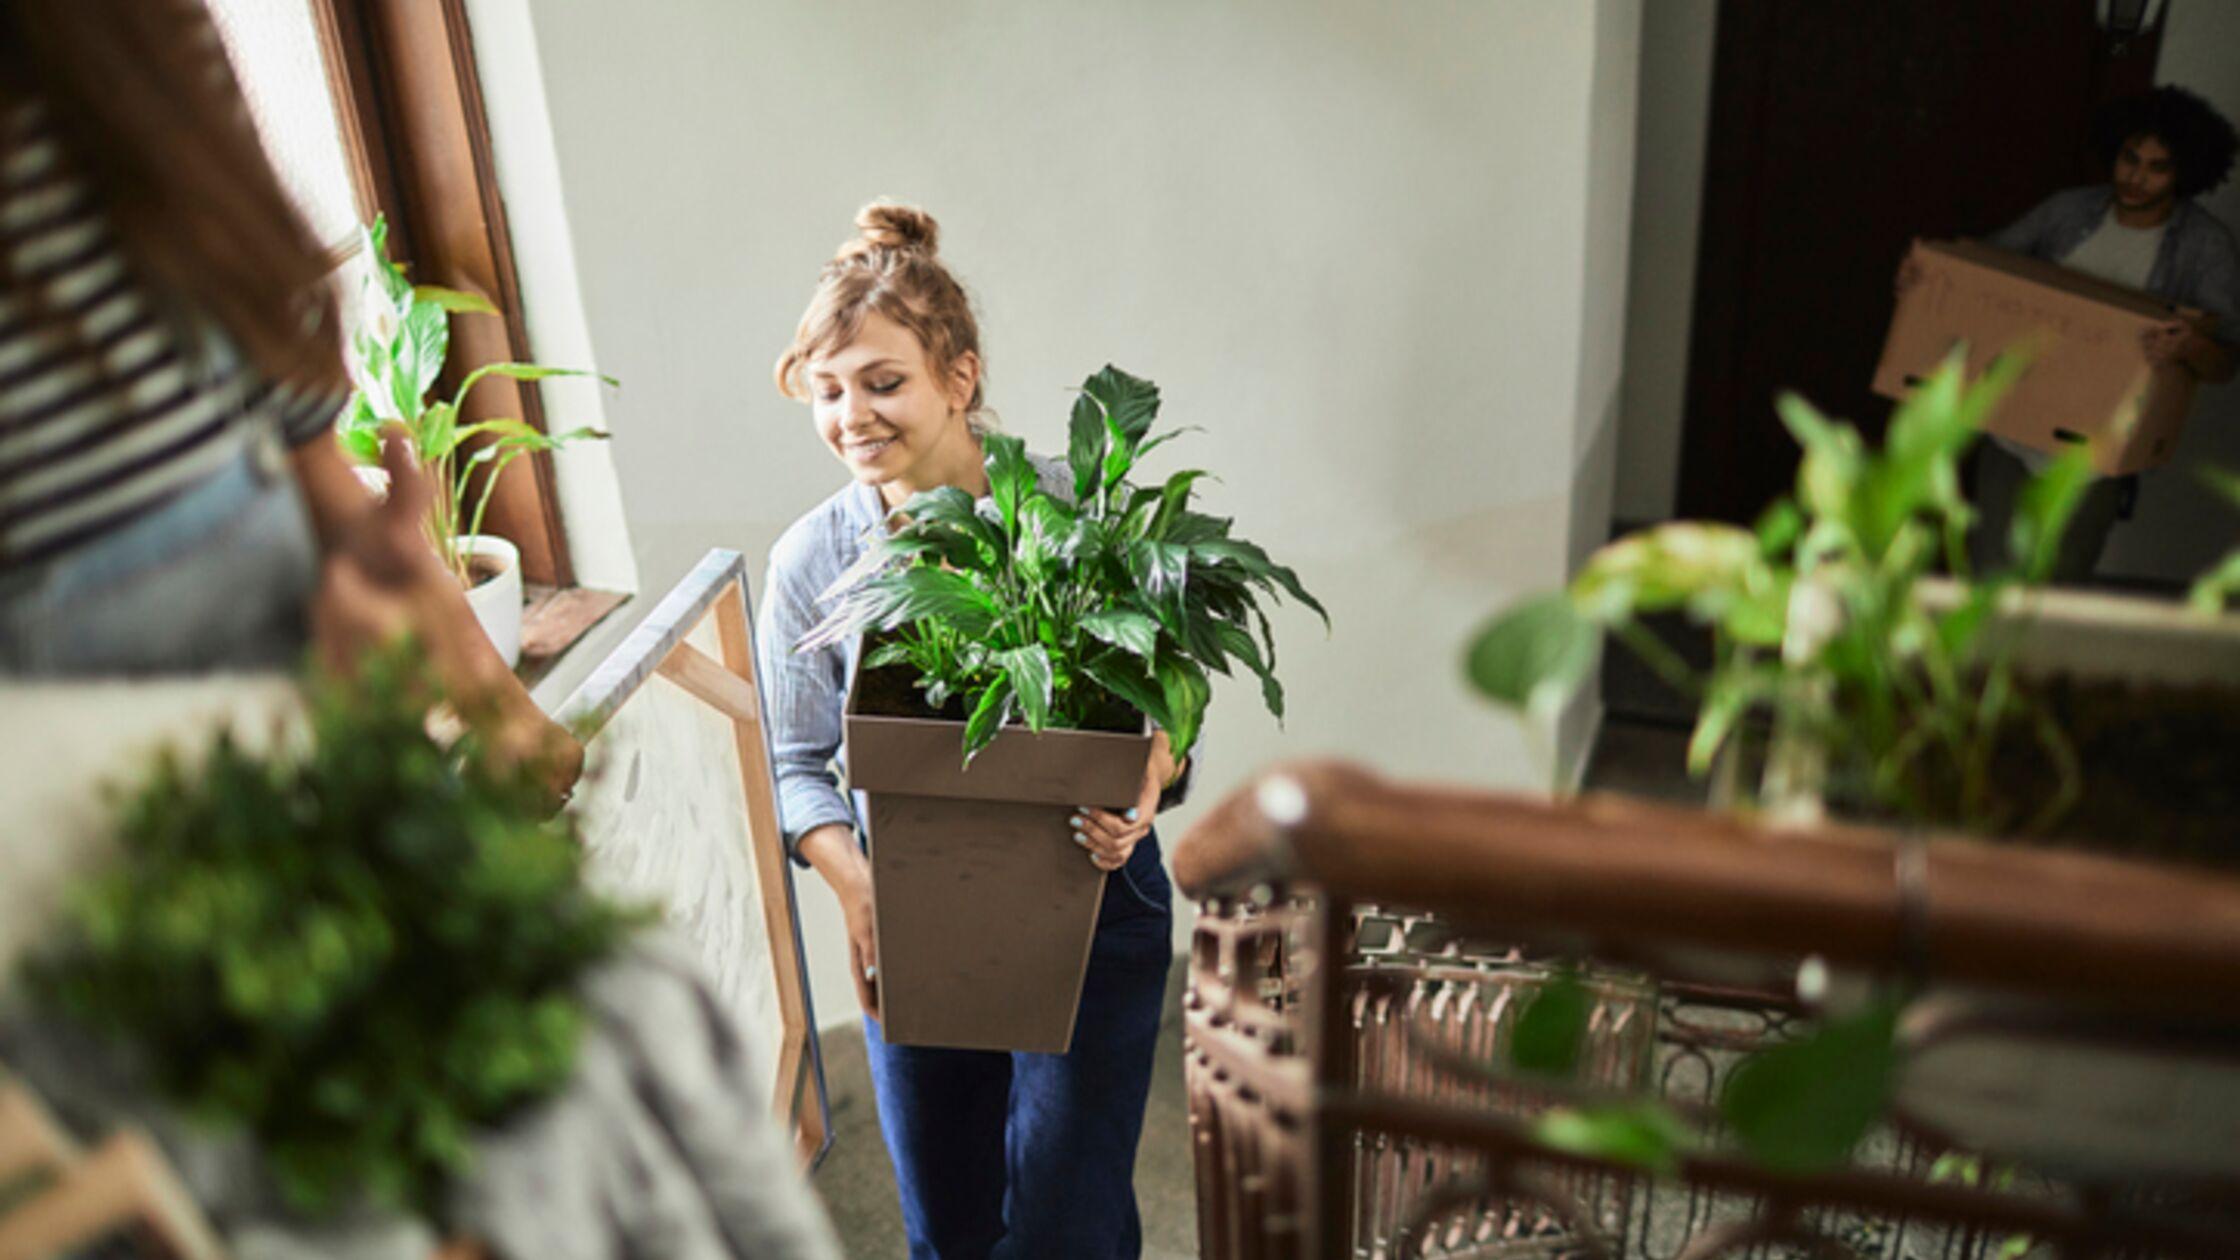 Umweltfreundlich umziehen: Nachhaltig ins neue Zuhause